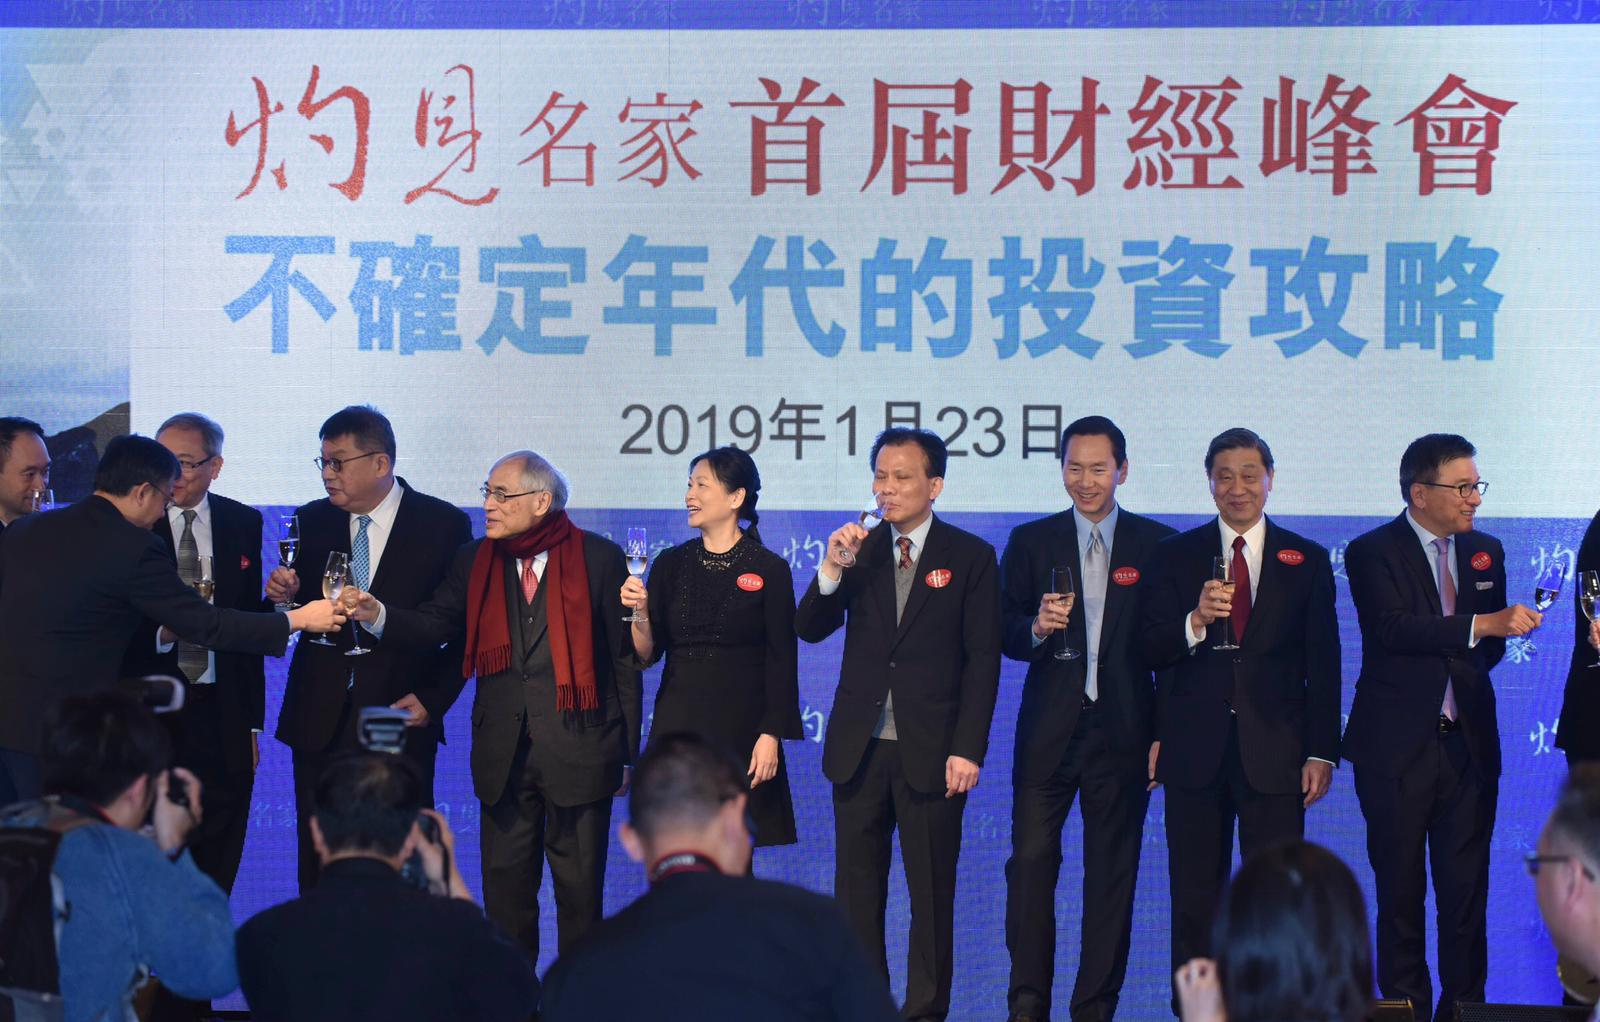 行政會議召集人陳智思出席灼見名家財經峰會。